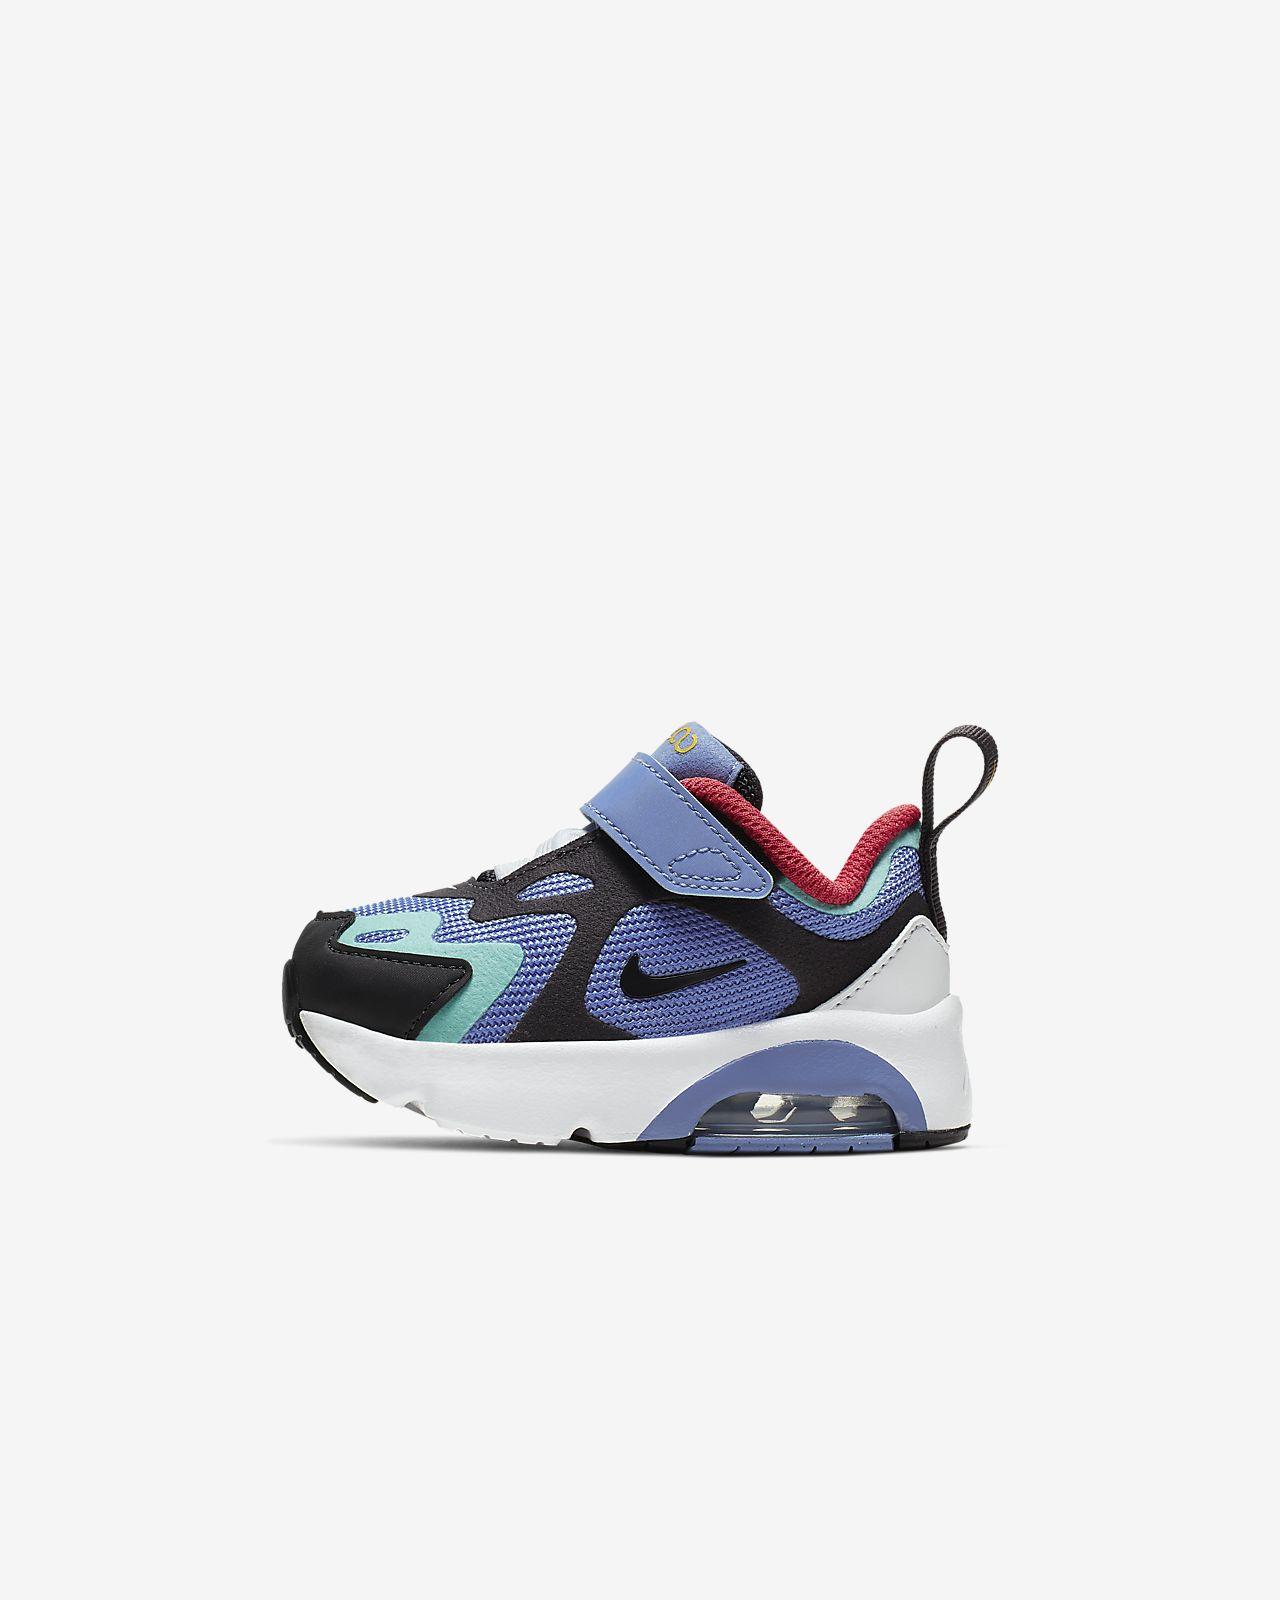 200 Max Air Schuh Nike Kleinkinder Für Und Babys Xzilwpoutk qSVzUMp